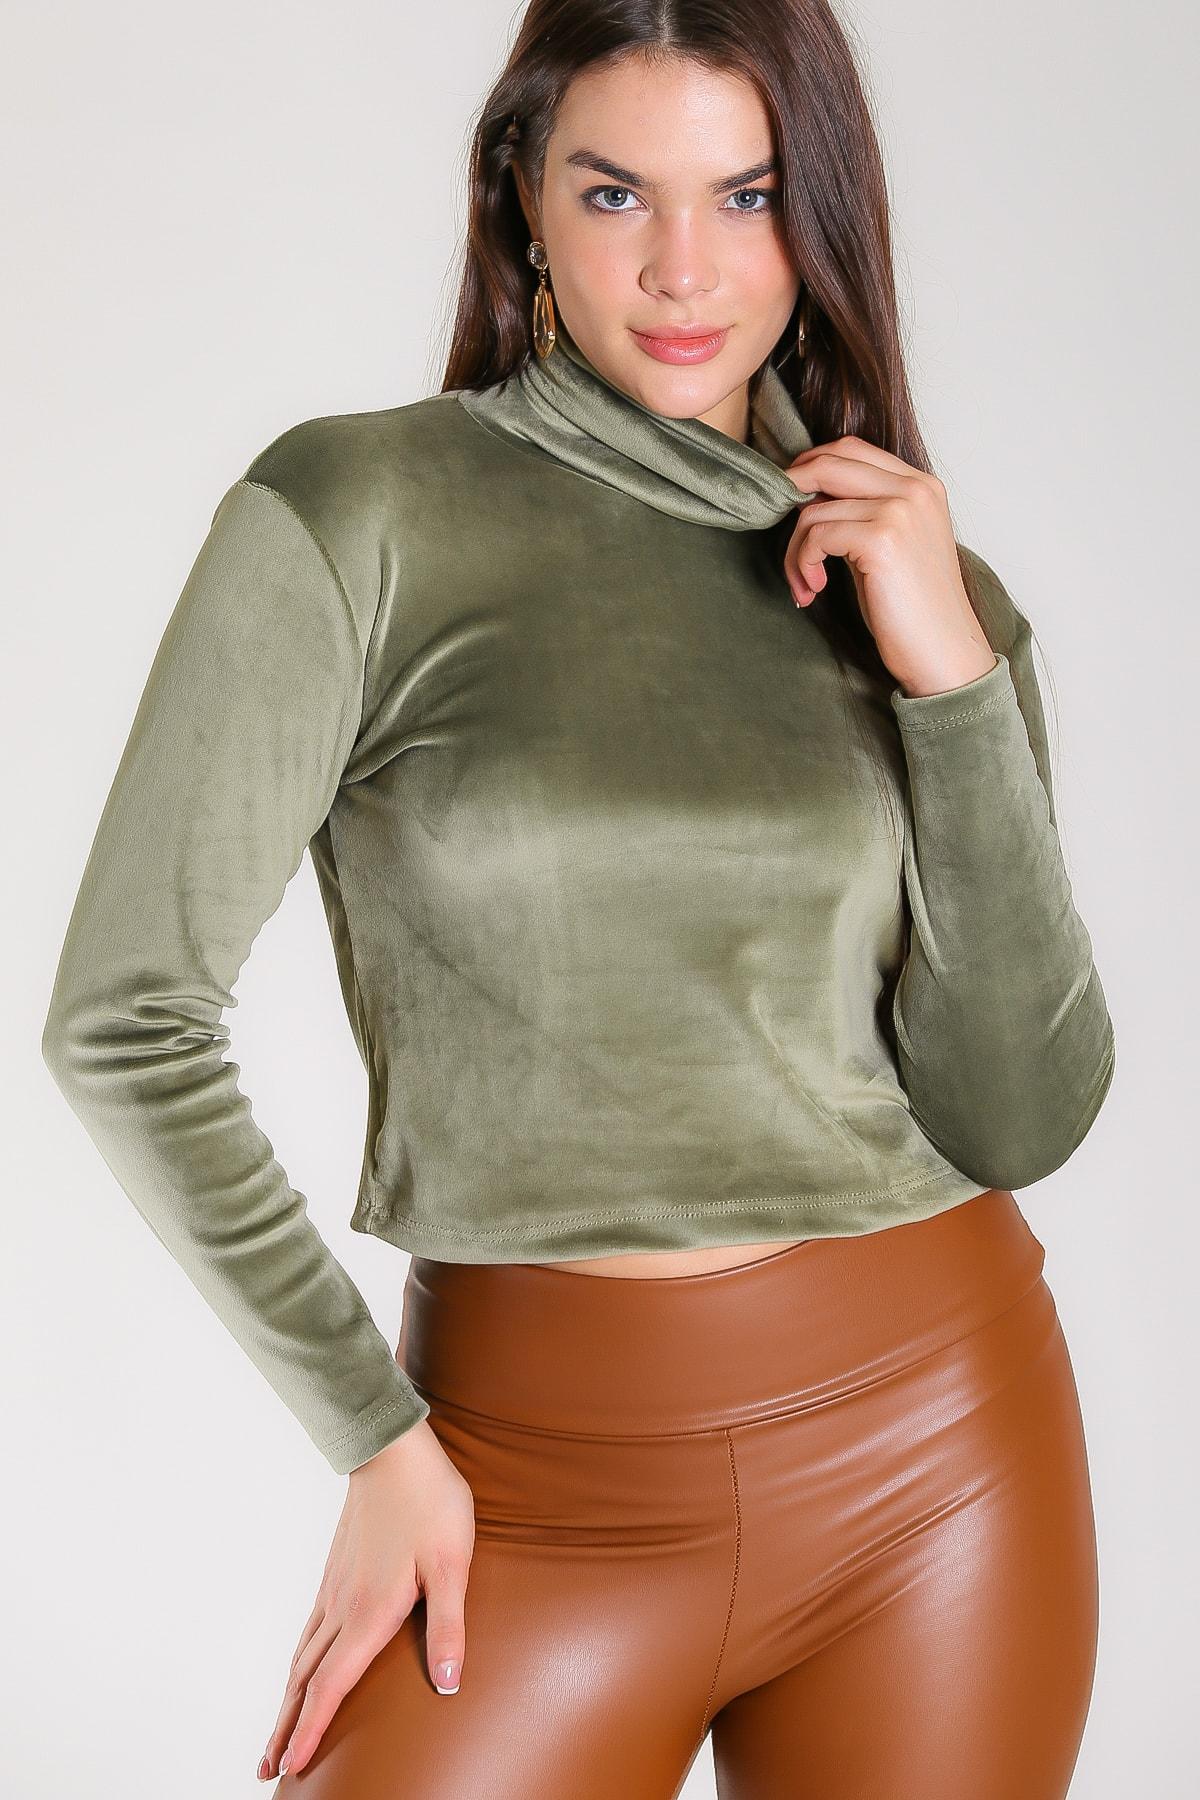 Chiccy Kadın Yeşil Vintage Balıkçı Yaka Velur Bluz M10010200BL96671